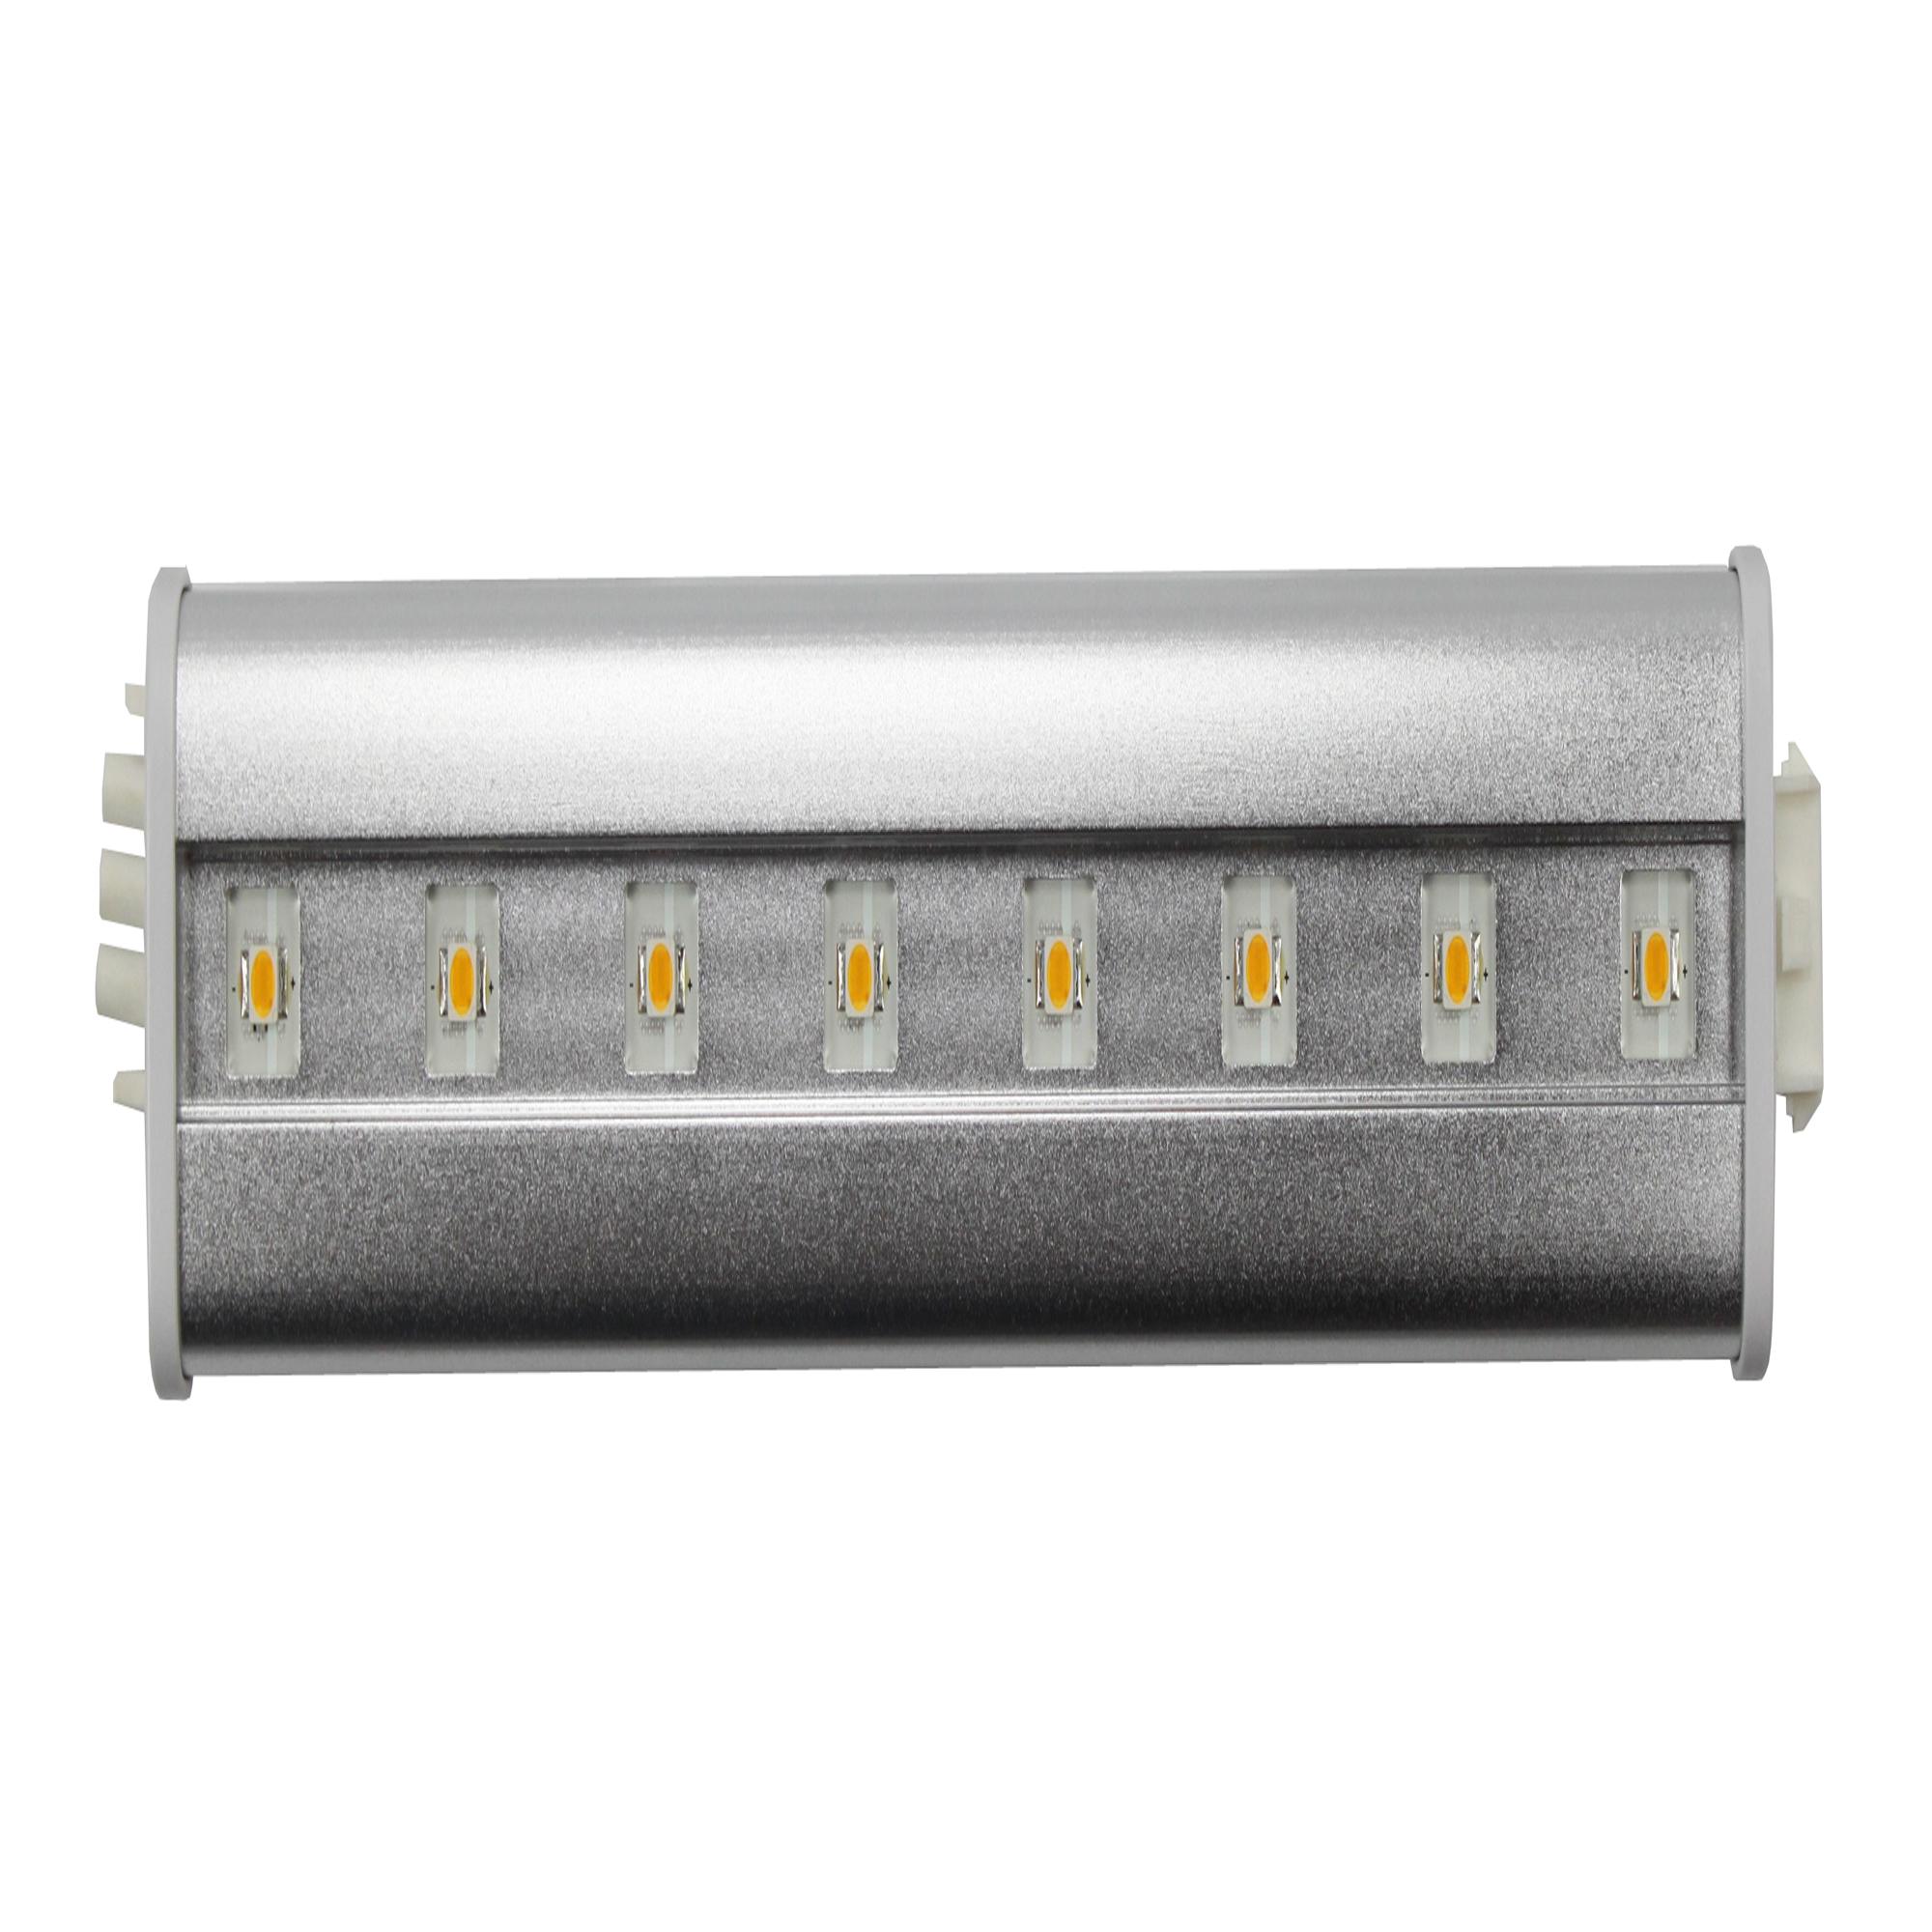 ge lighting lc12 2700k 6 5w 120v led cove under cabinet light fixture. Black Bedroom Furniture Sets. Home Design Ideas